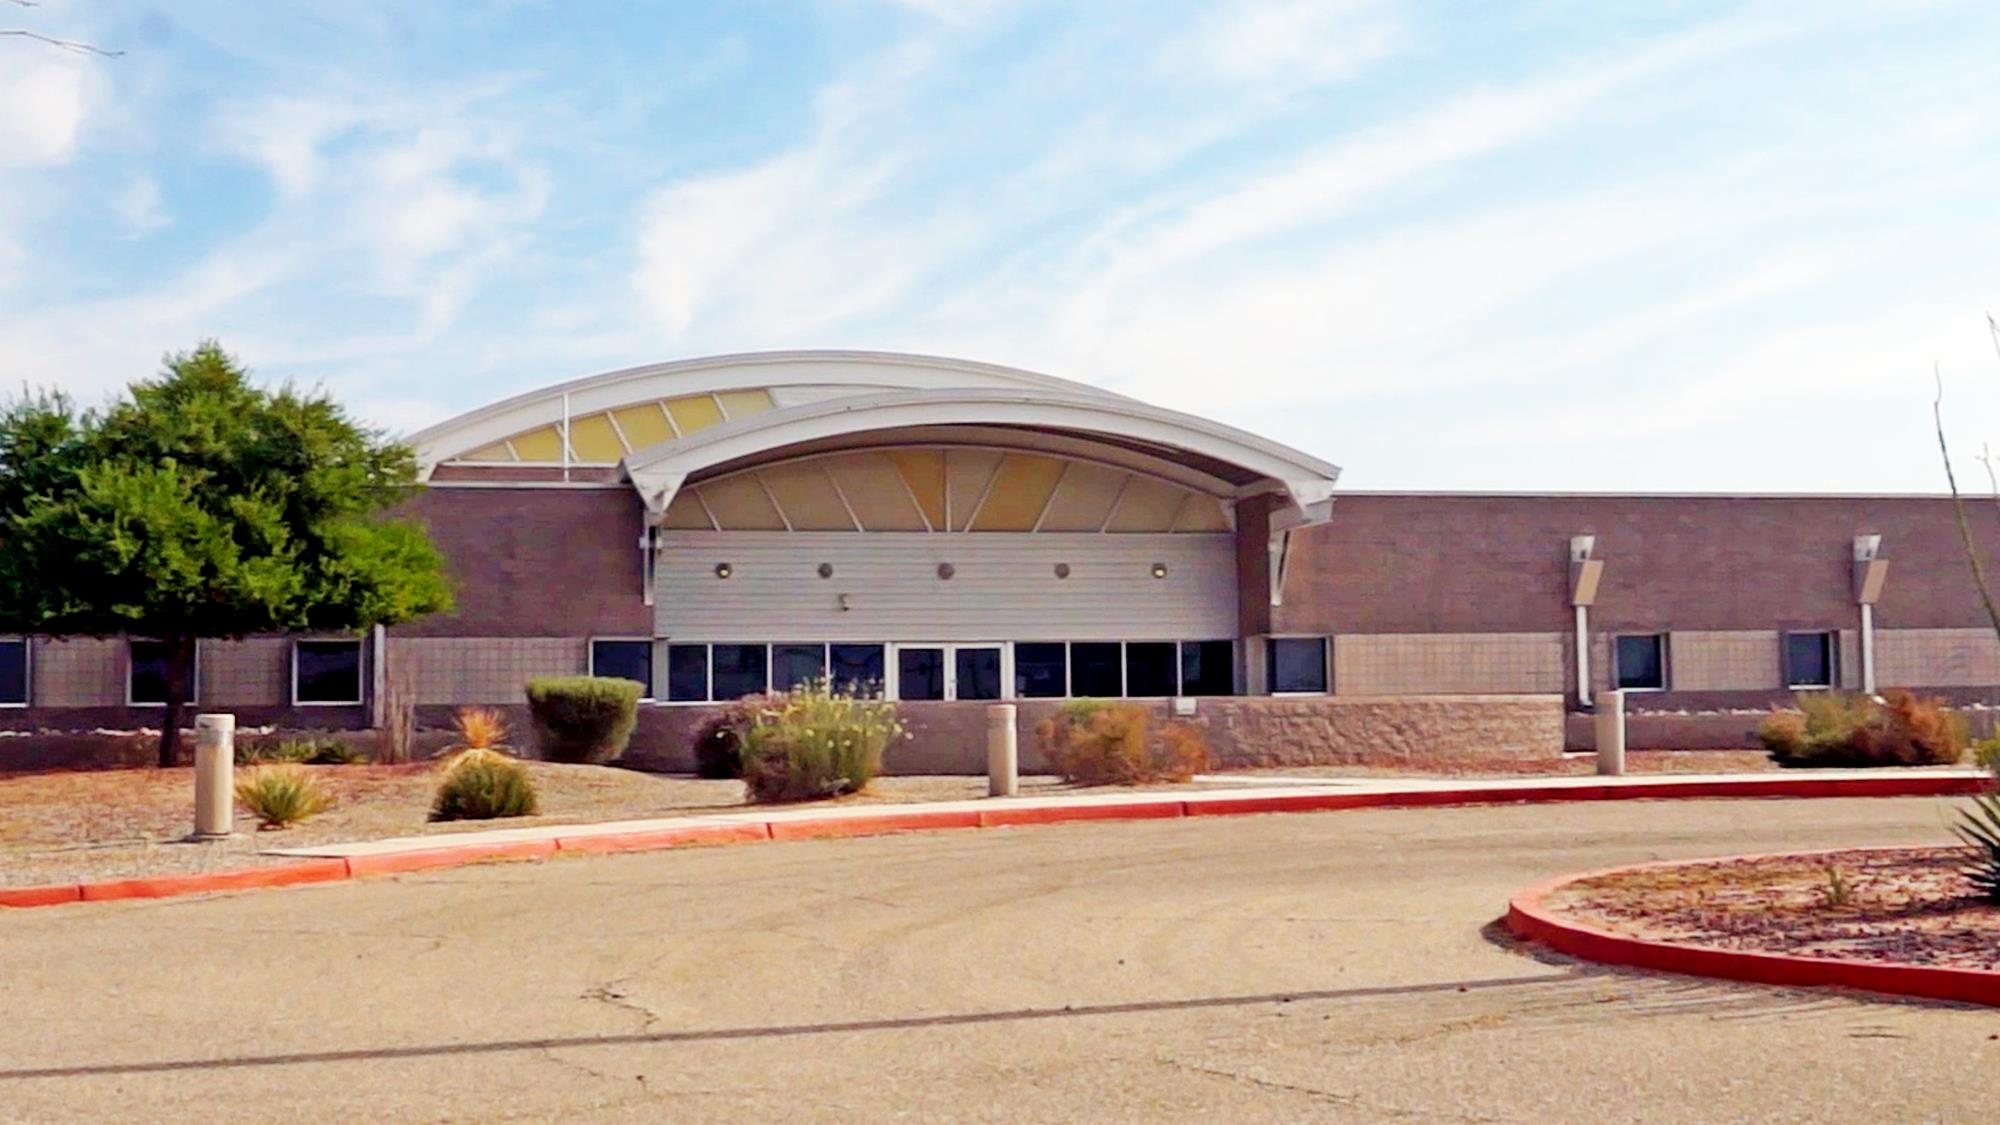 Joe Henry Optimist Center Park Facility Rentals City Of Yuma Az